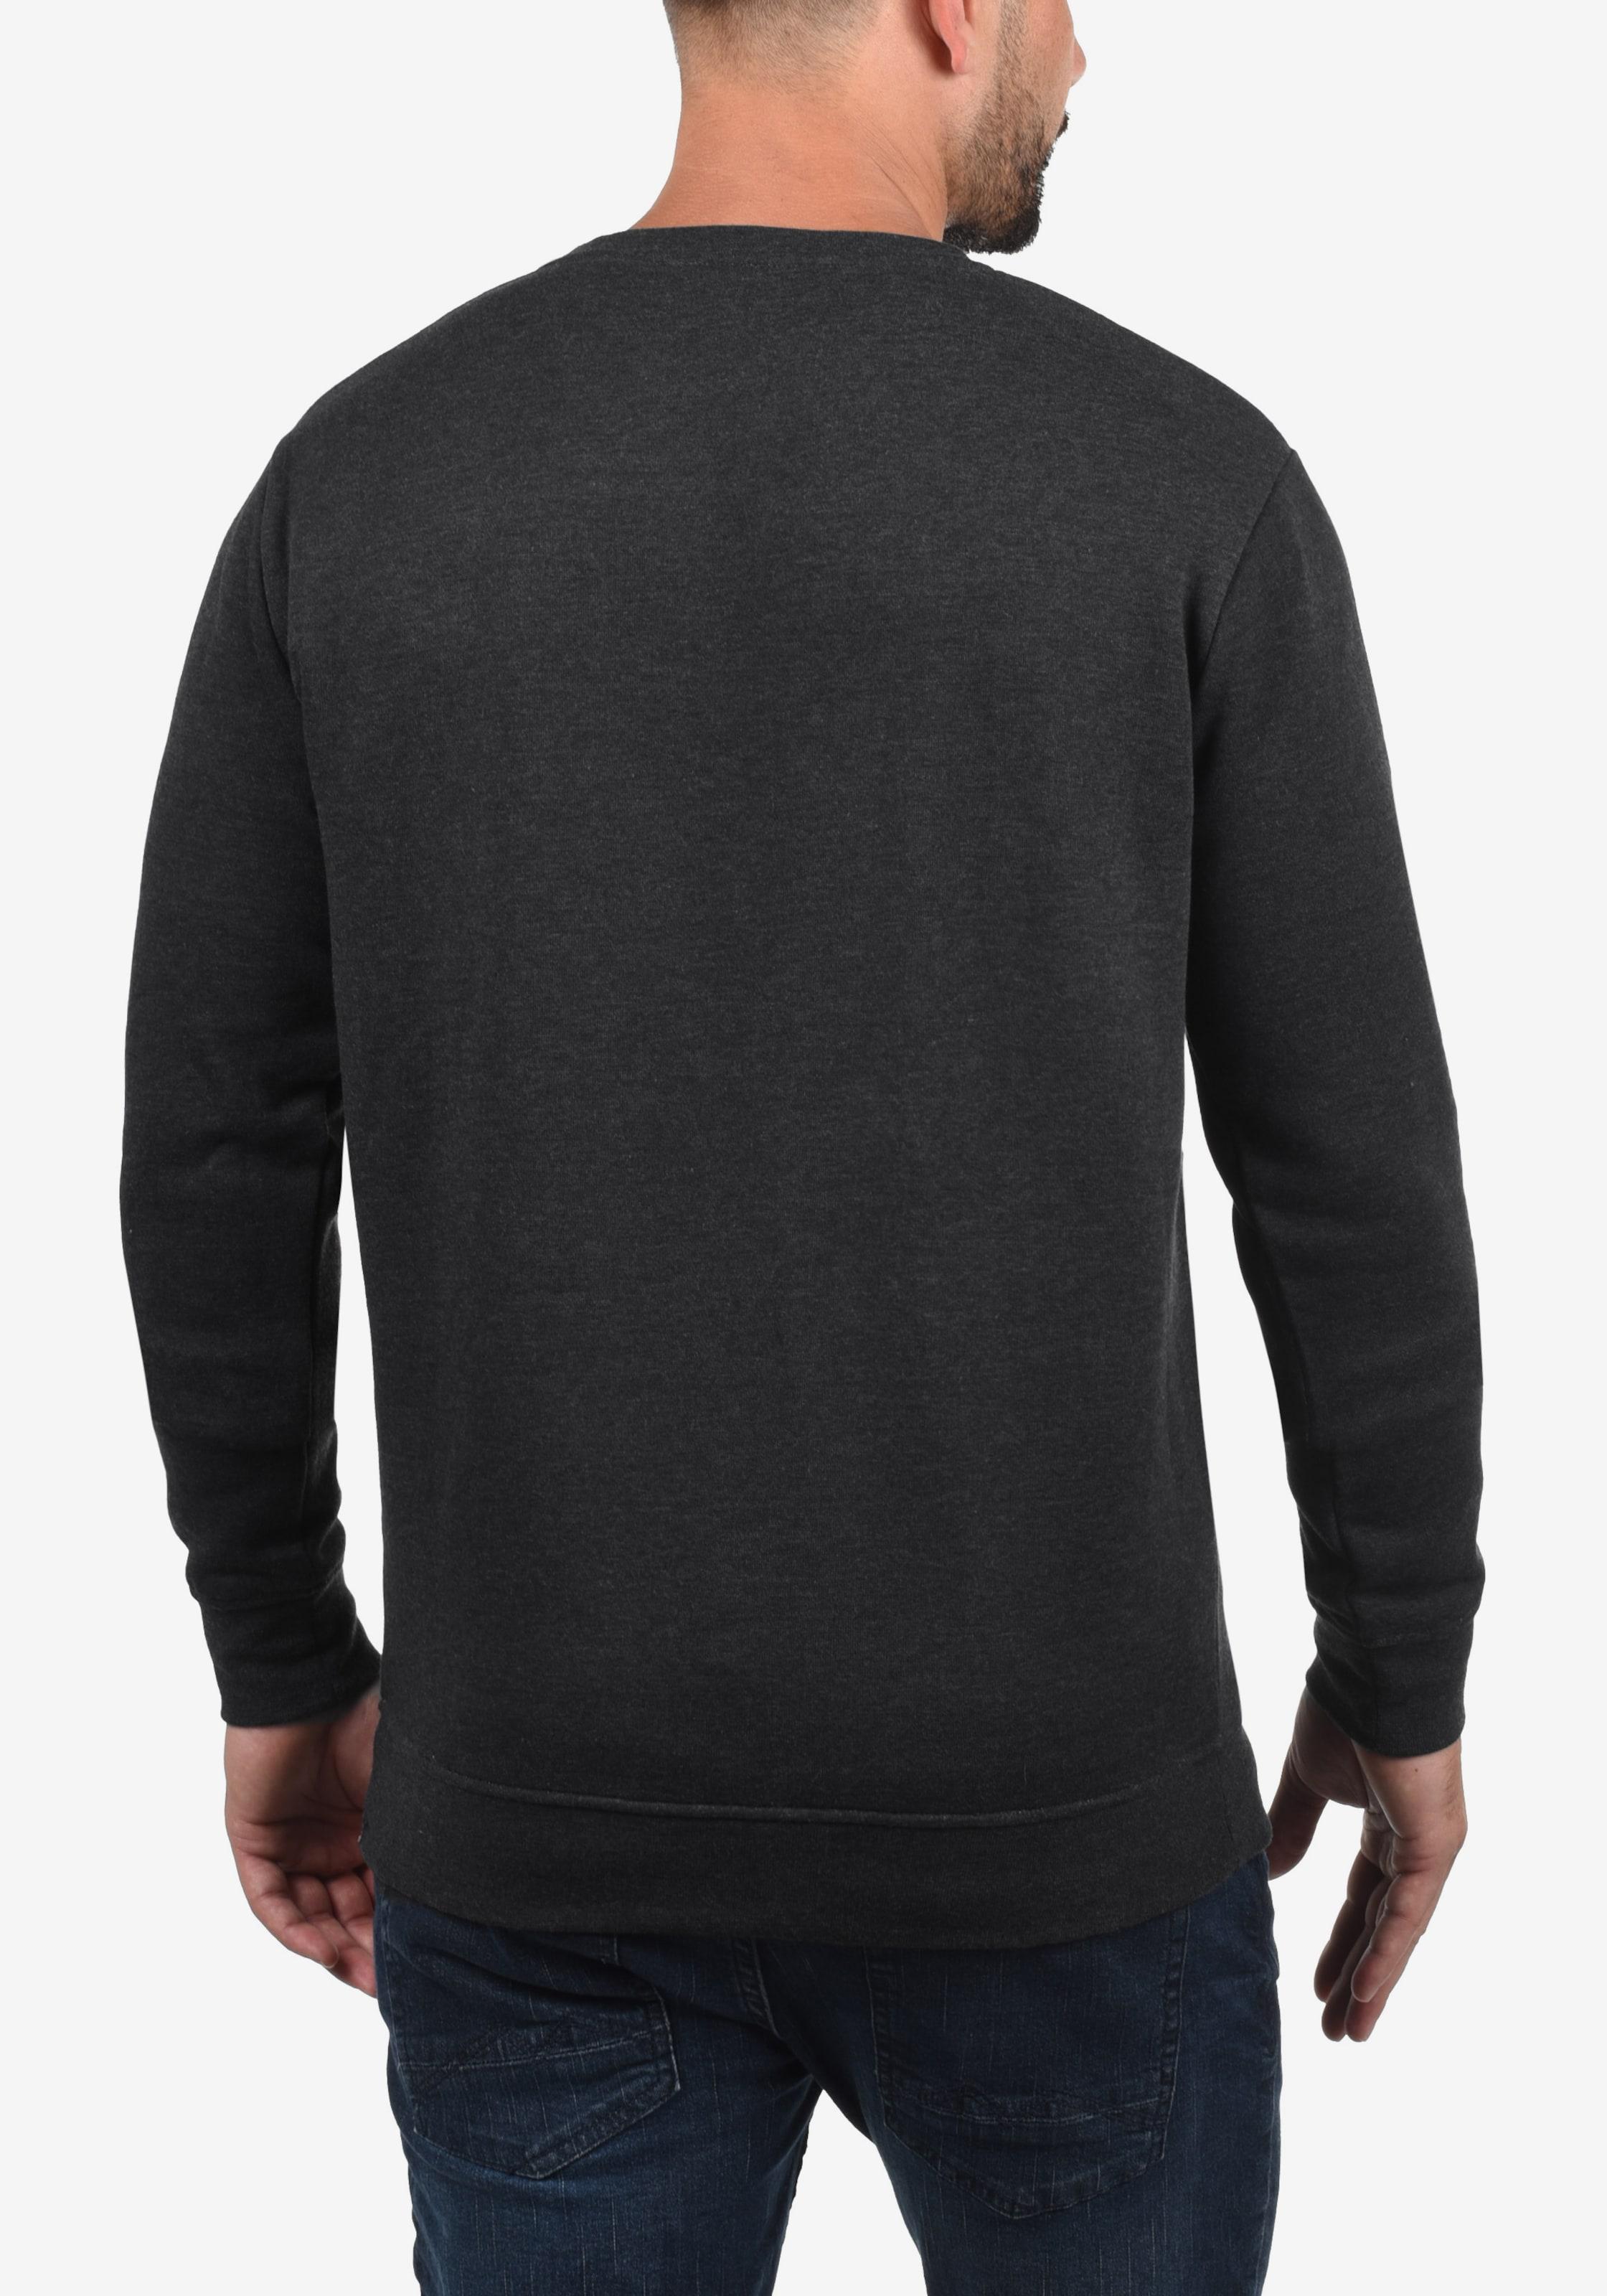 !Solid Sweatshirt 'Alask' in grau Sweatstoff ART119913-010